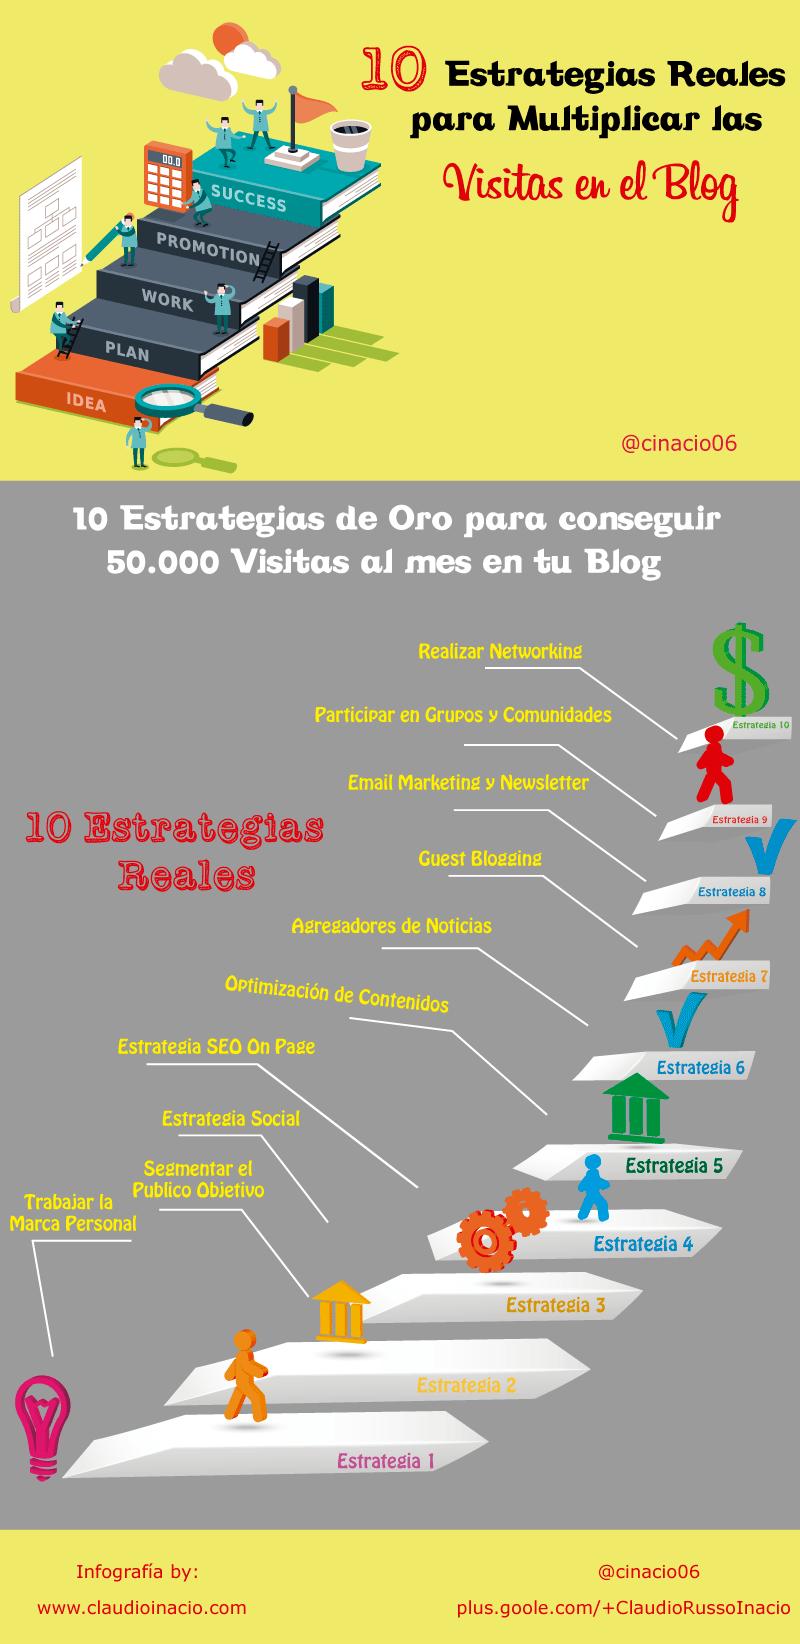 10 estrategias para aumentar las visitas a tu Blog